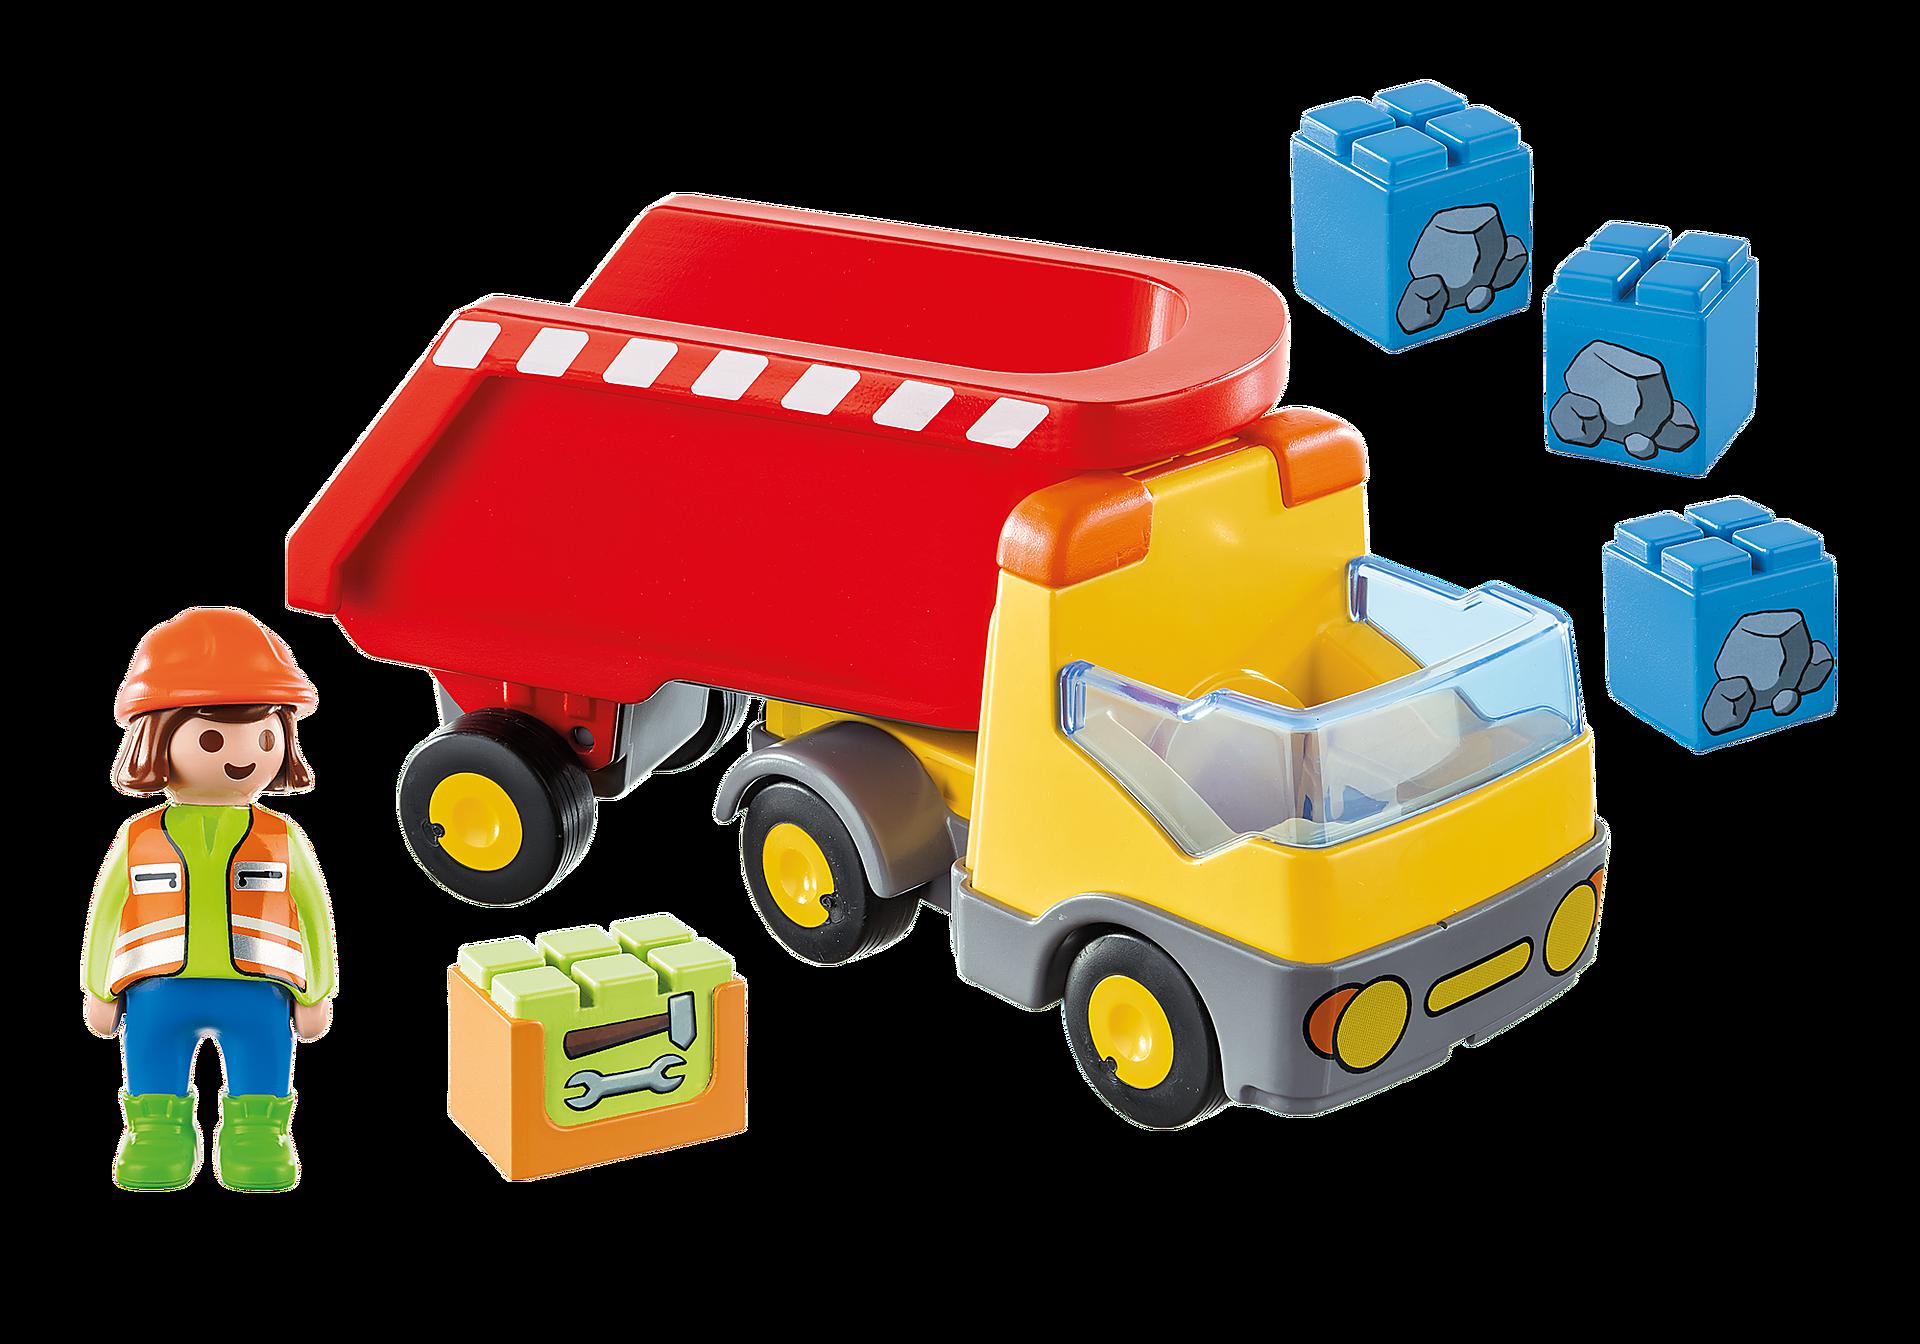 70126 Dump Truck zoom image3